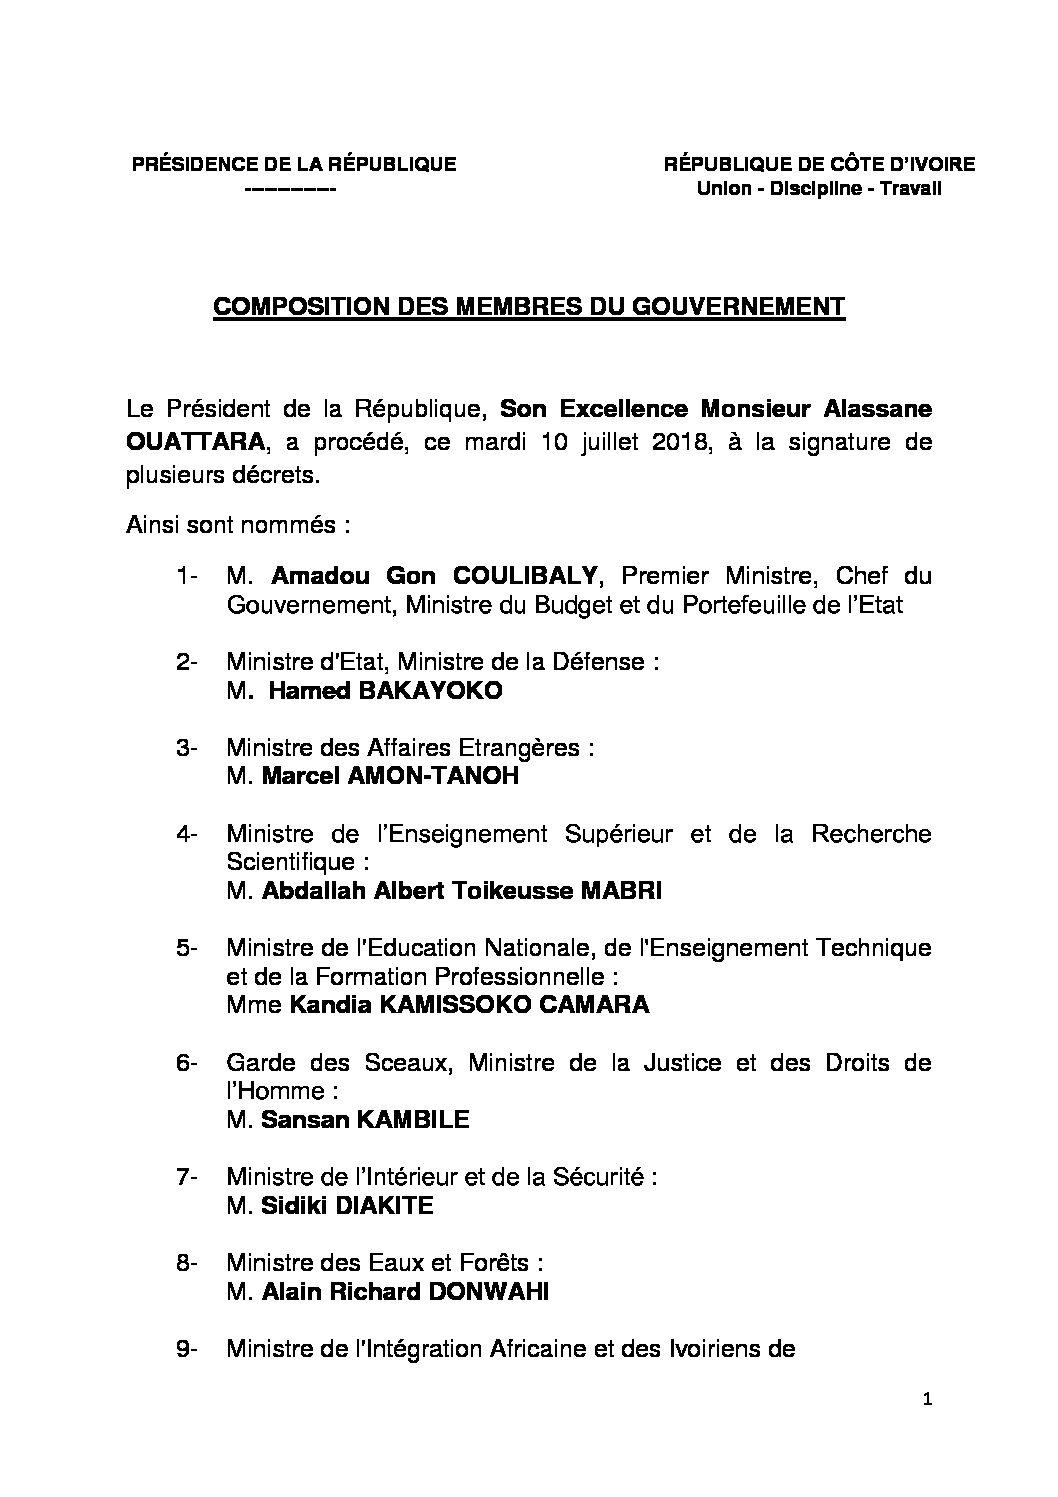 Composition des membres du Gouvernement - le 10 juillet 2018